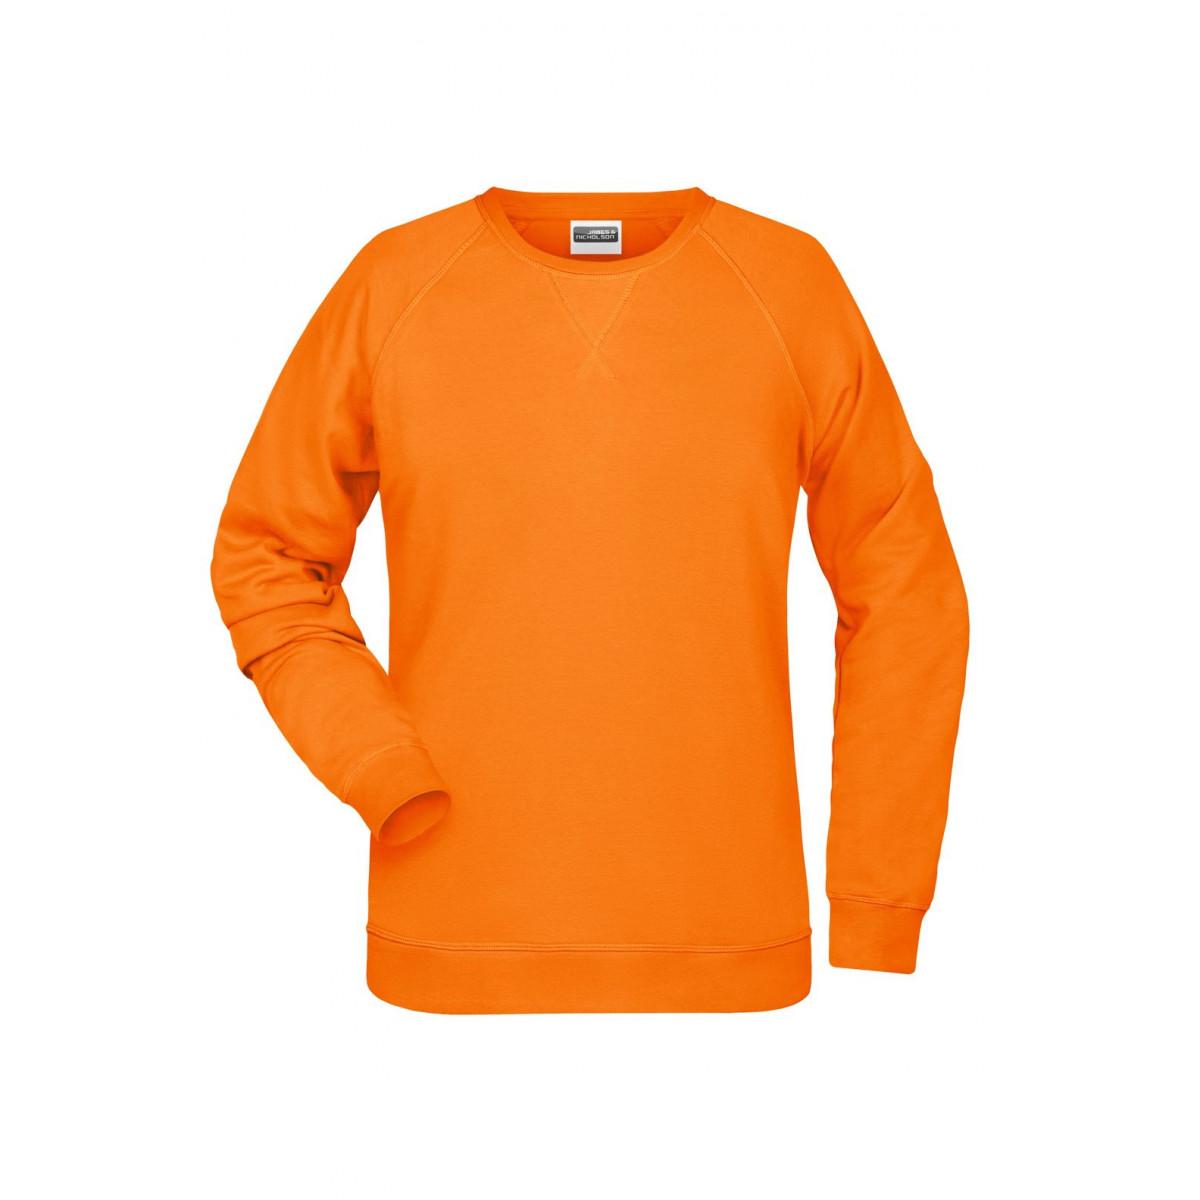 Толстовка женская 8021 Ladies Sweat - Оранжевый